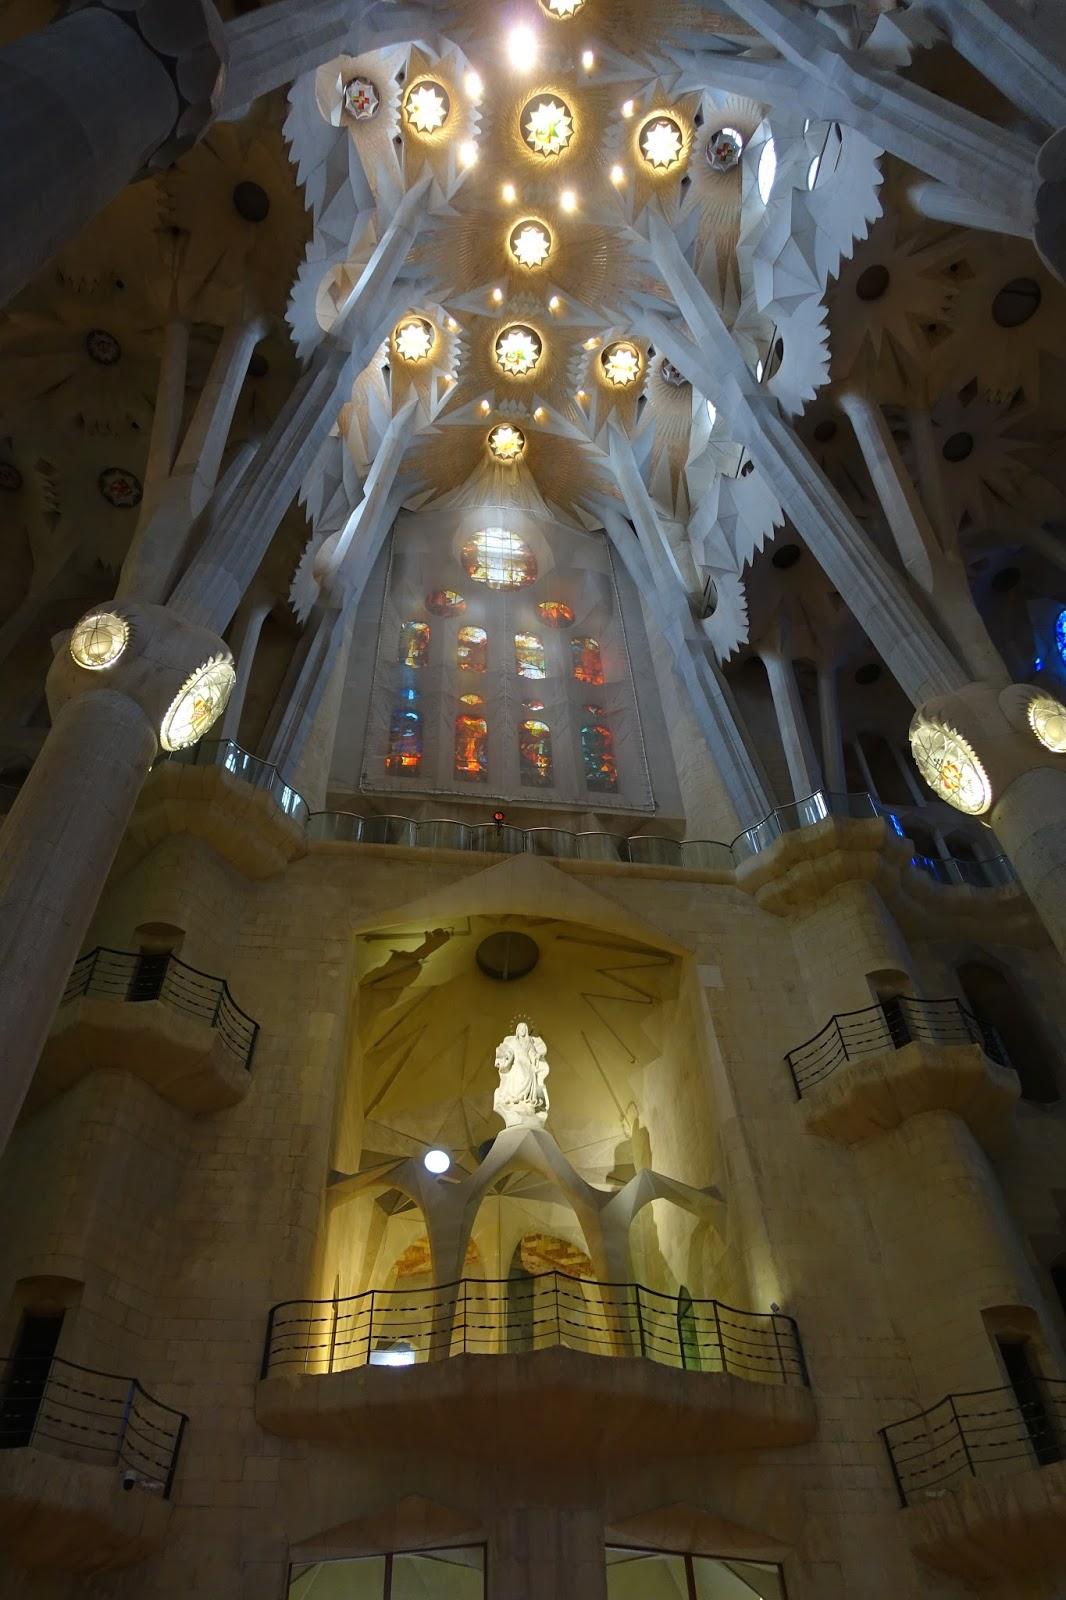 サグラダ・ファミリア (Sagrada Familia) 「受難のファサード」の側の翼廊の上のマリア像